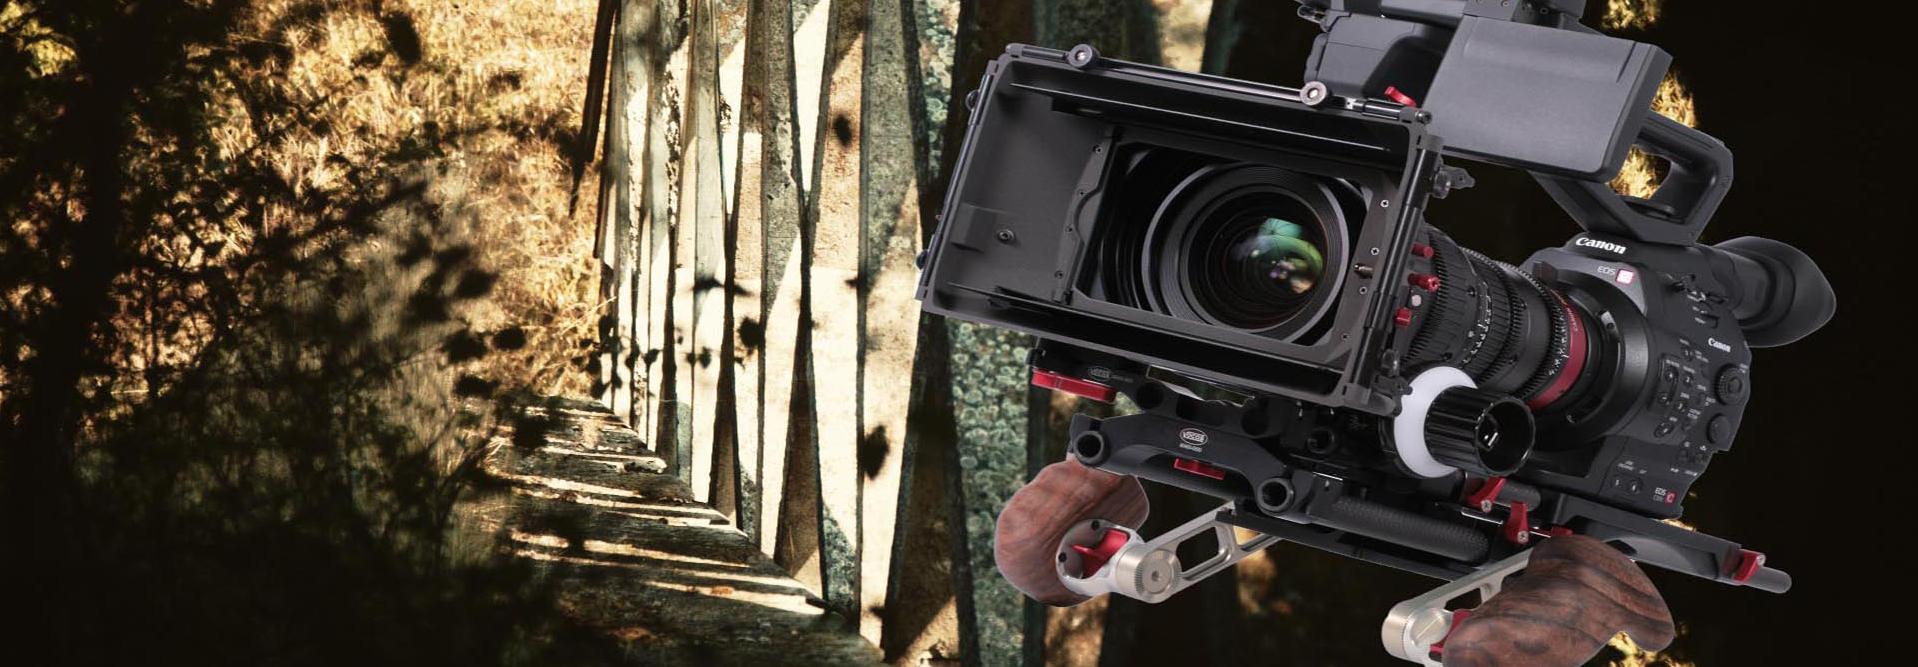 Production de photos et de vidéos